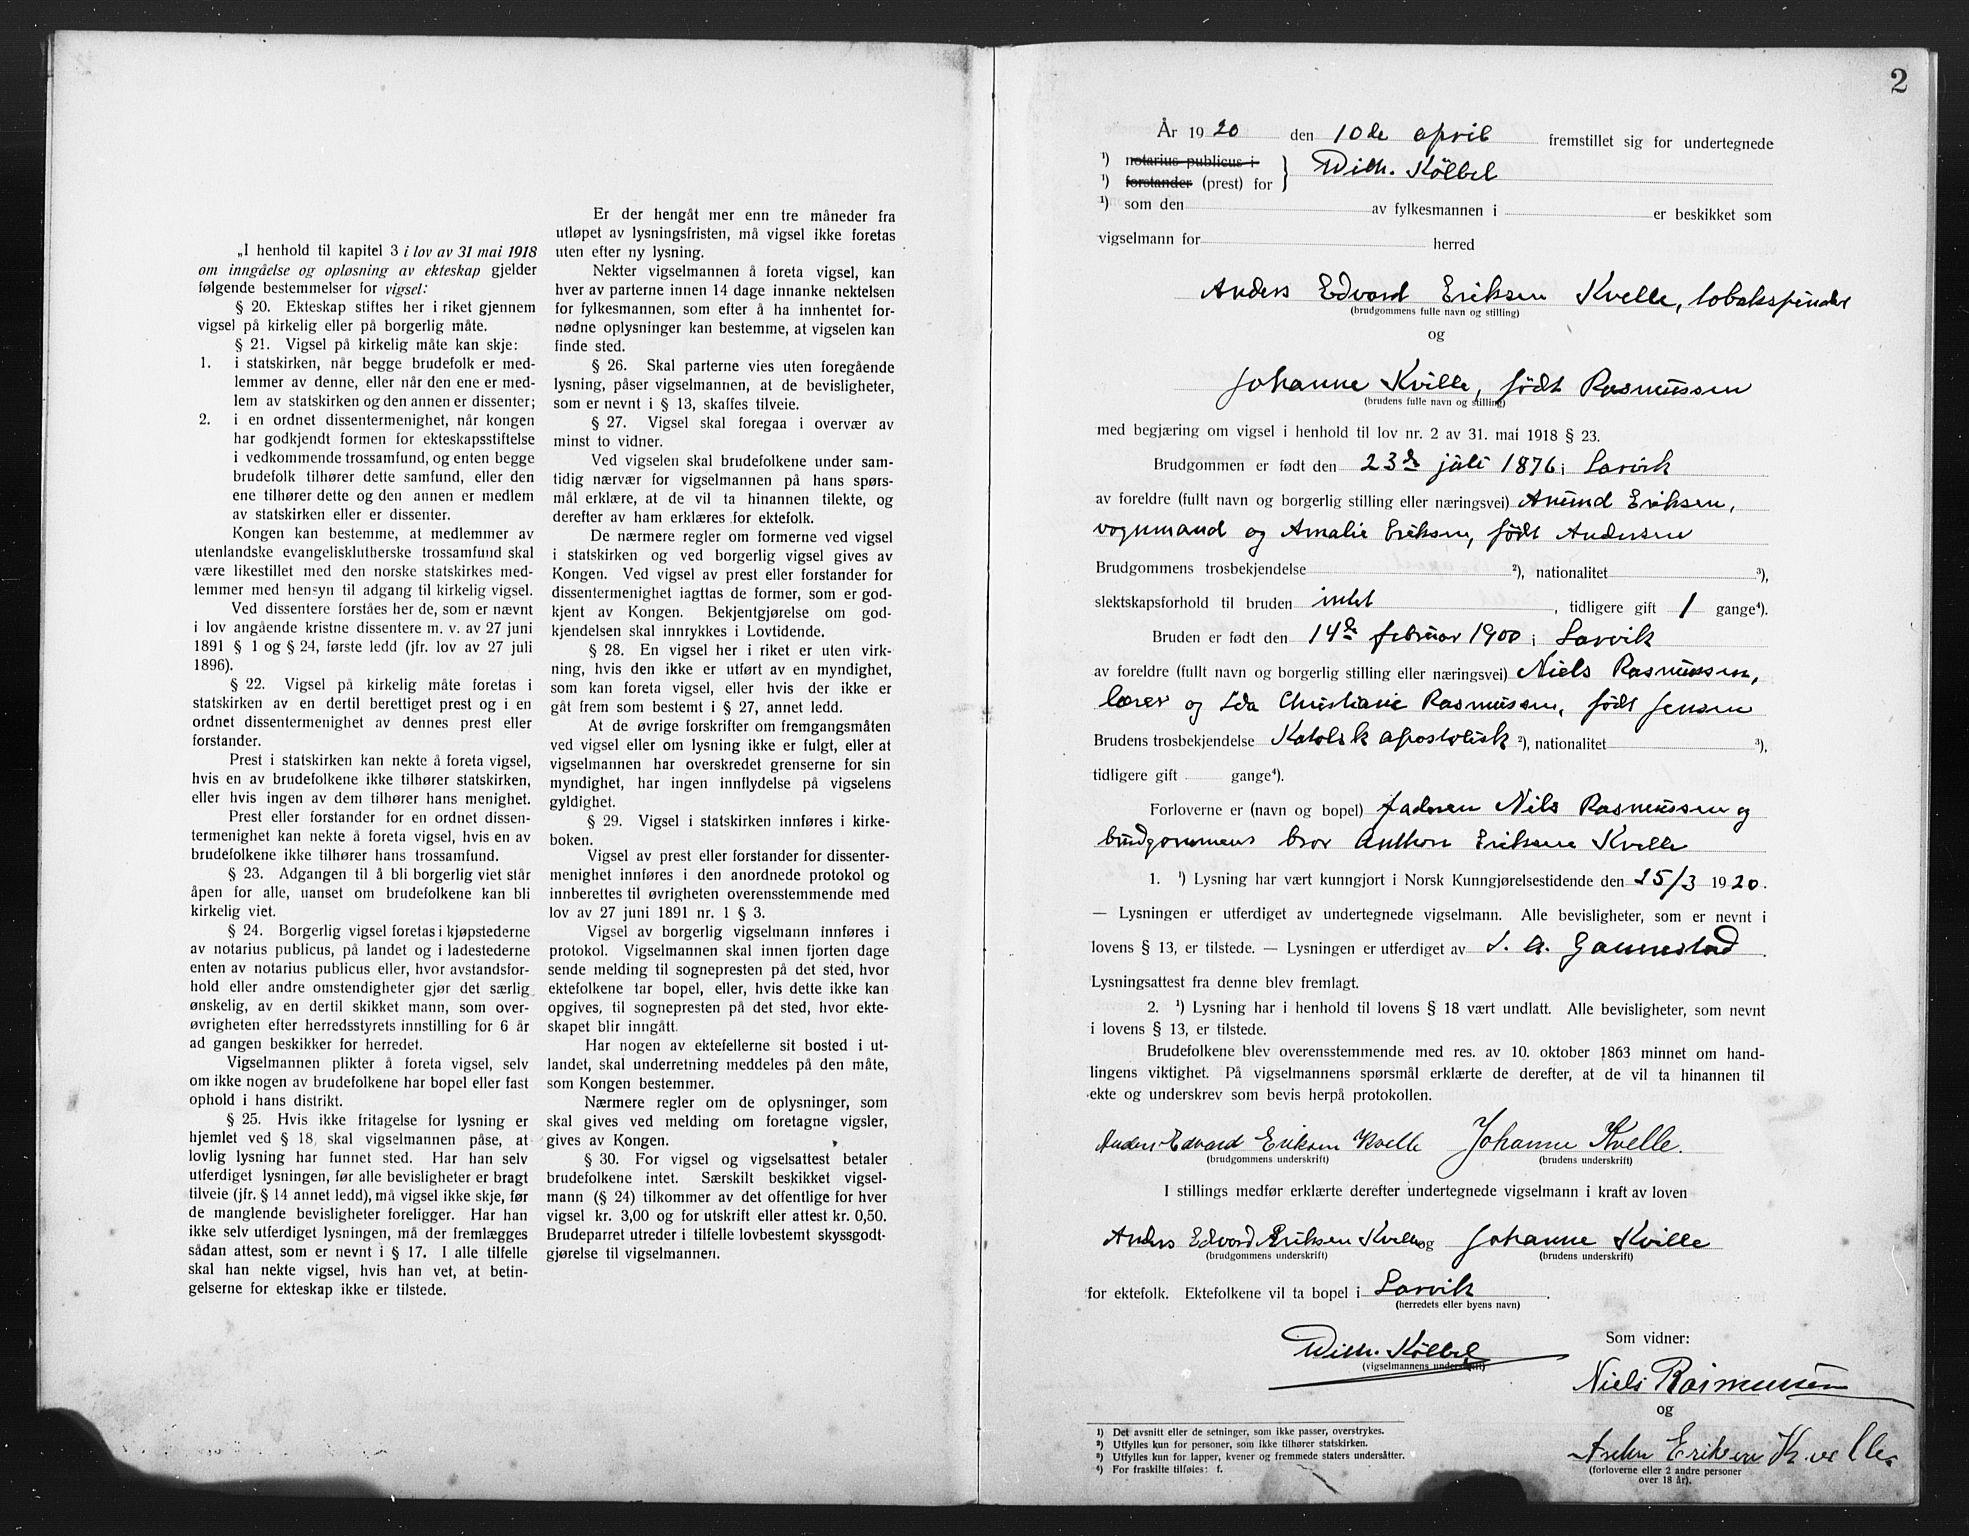 SAKO, Den katolsk-apostoliske menighet i Larvik, H/Ha/L0002: Dissenterprotokoll nr. 2, 1920-1922, s. 2